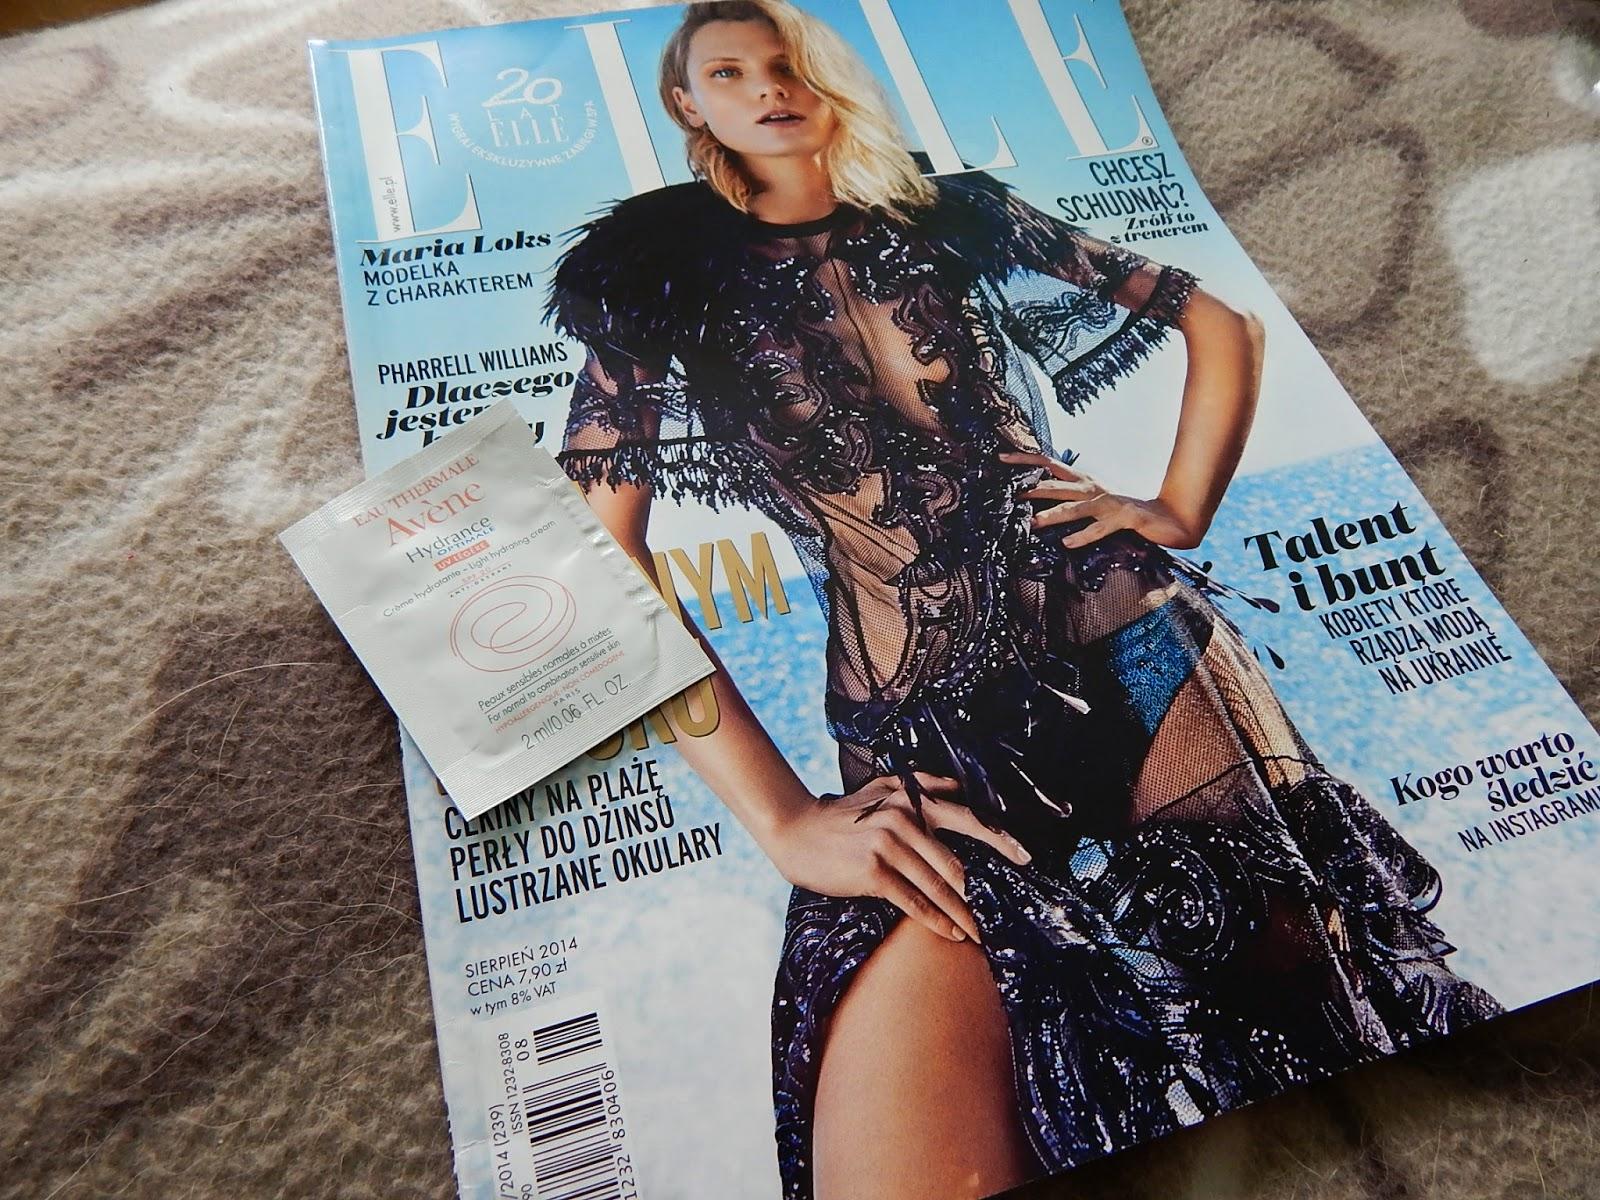 ~31 Czy warto kupować gazety o modzie? Krótka recenzja sierpniowego Elle.